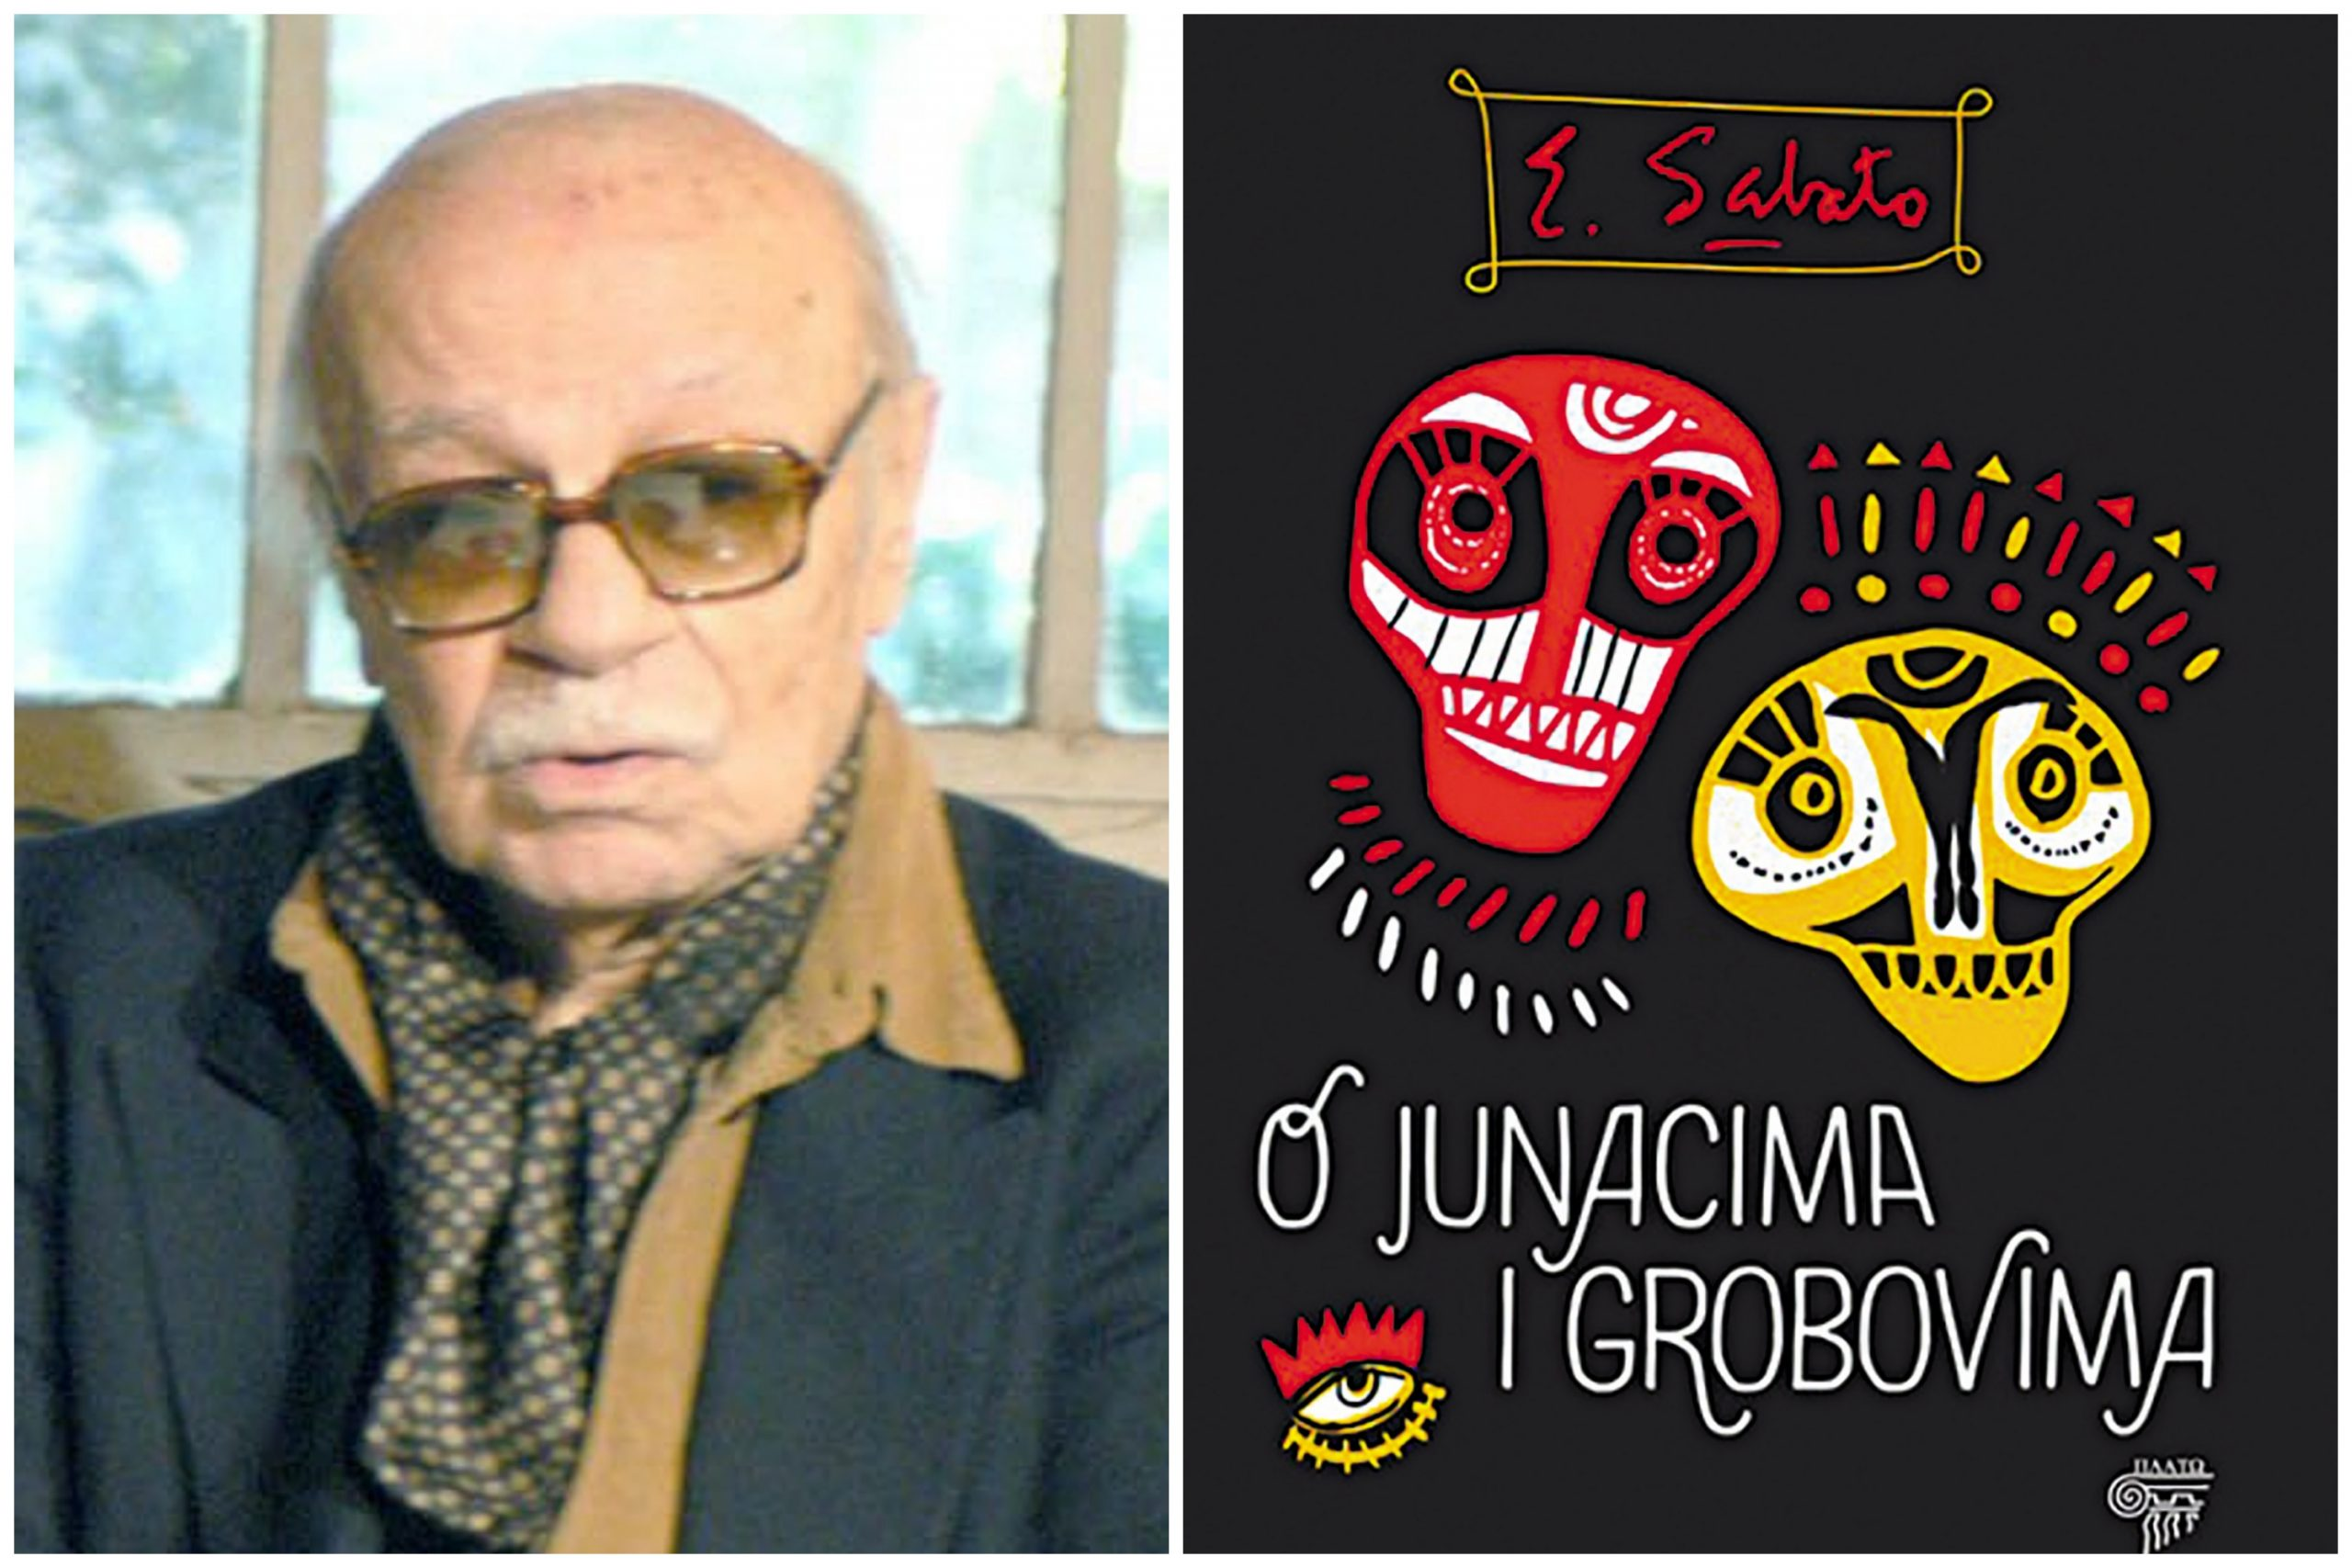 Ernesto Sabato, O junacima i grobovima